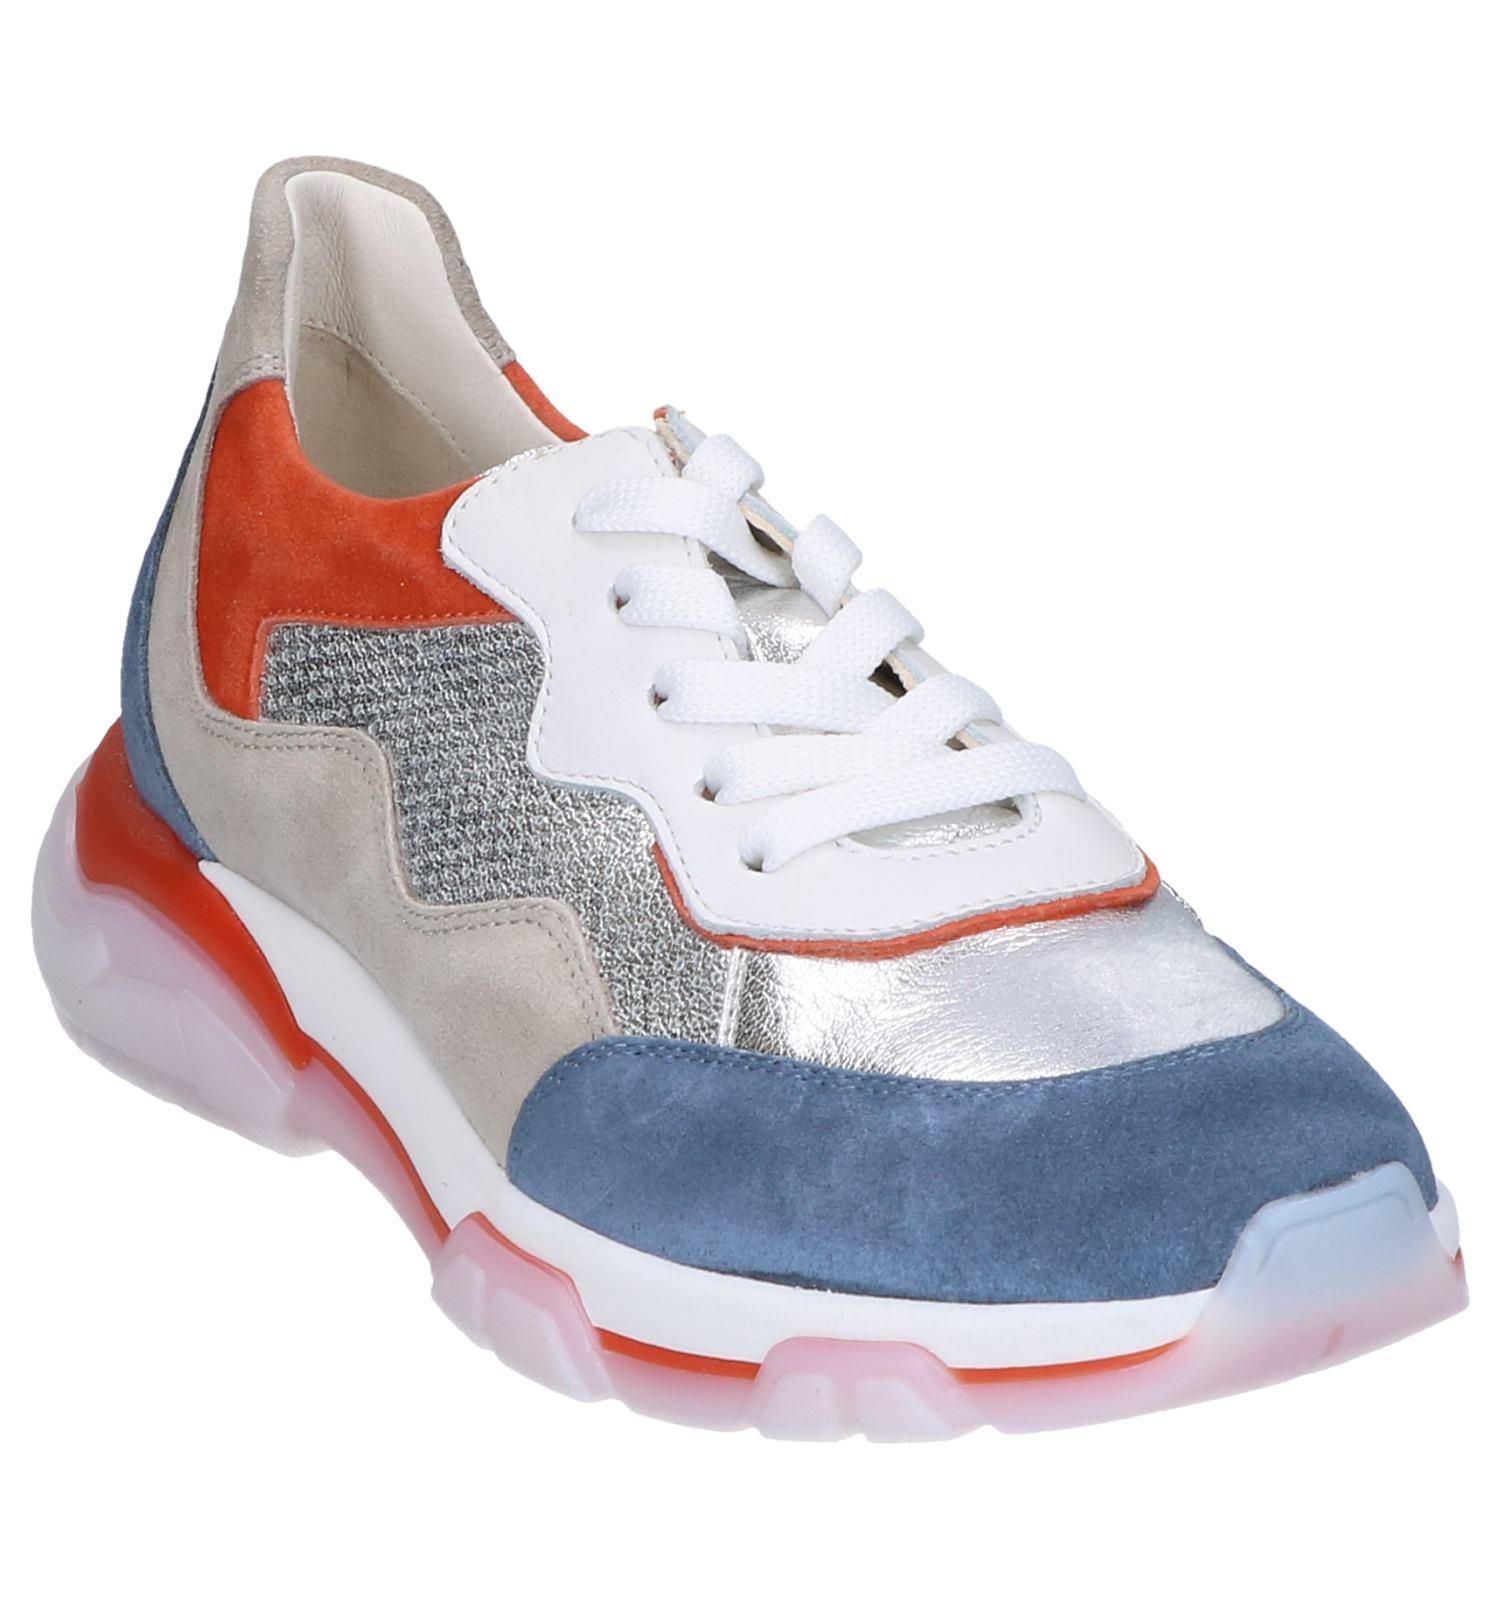 Tine's Sneakers Multicolor Sneakers Sneakers Tine's Tine's Multicolor Multicolor Sneakers Multicolor 6vyYIbgf7